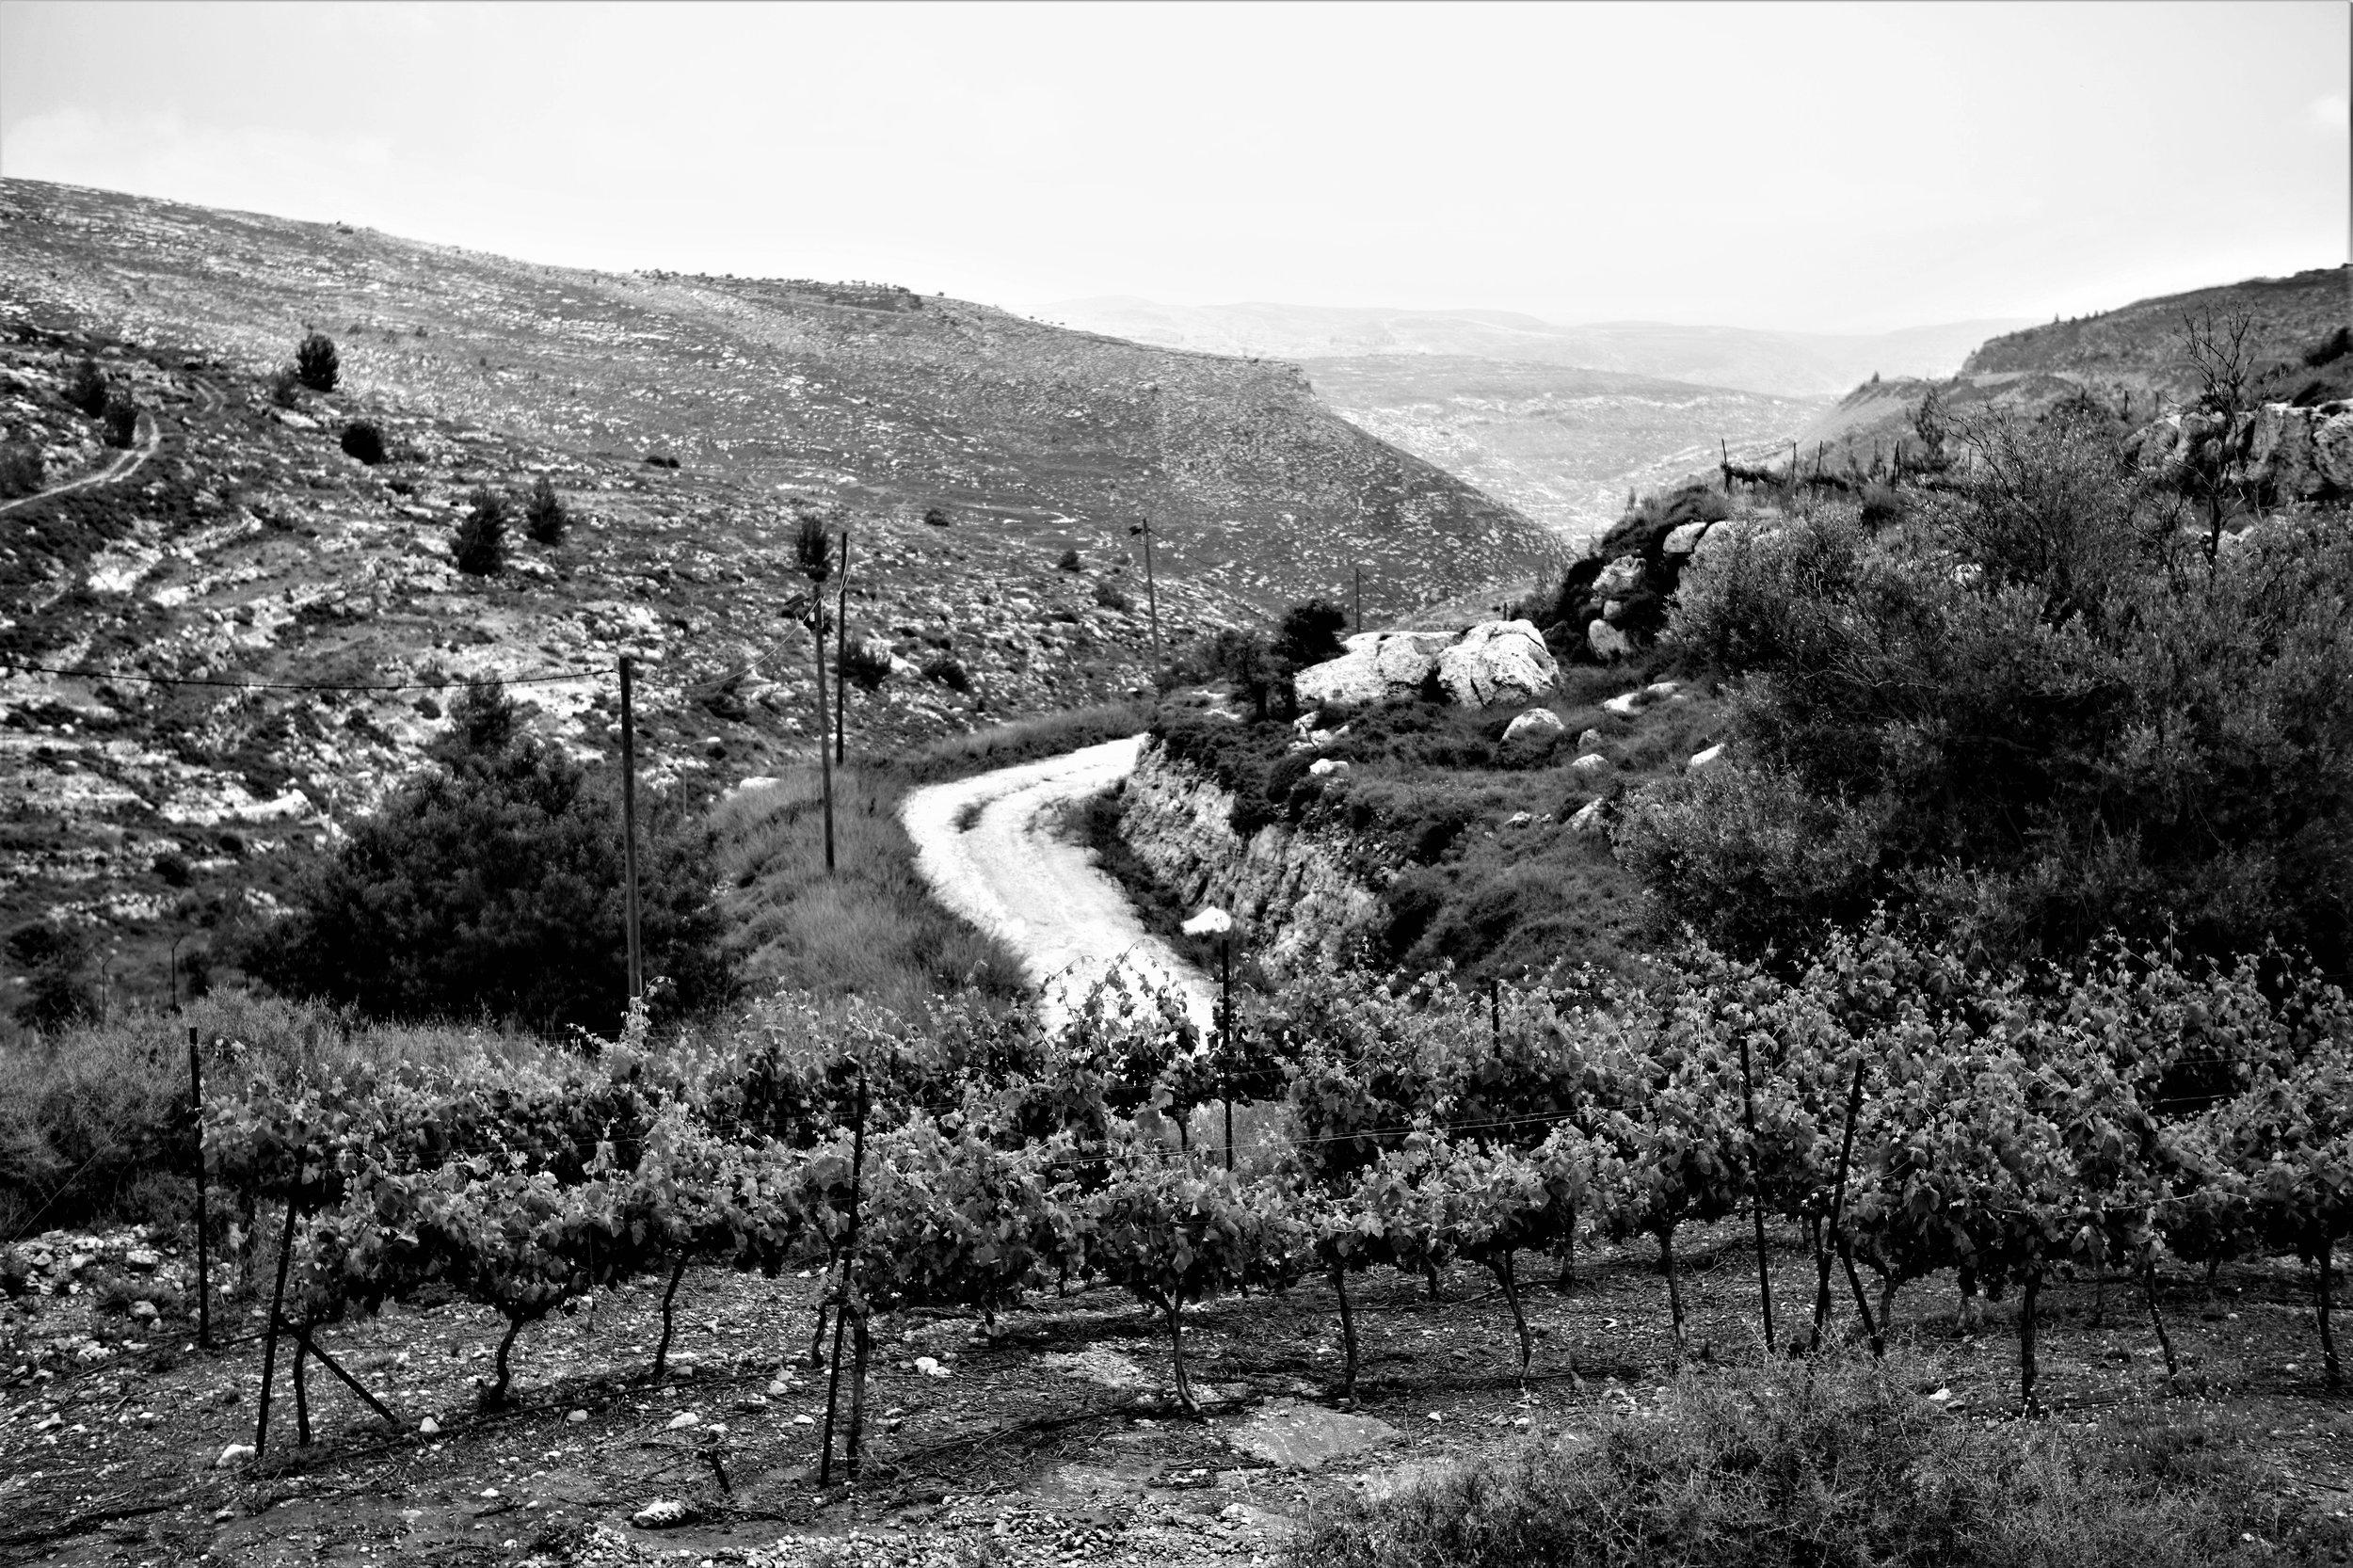 Blick von den Rebbergen der Psagot Winery auf die wünstenhafte, karge Landschaft.